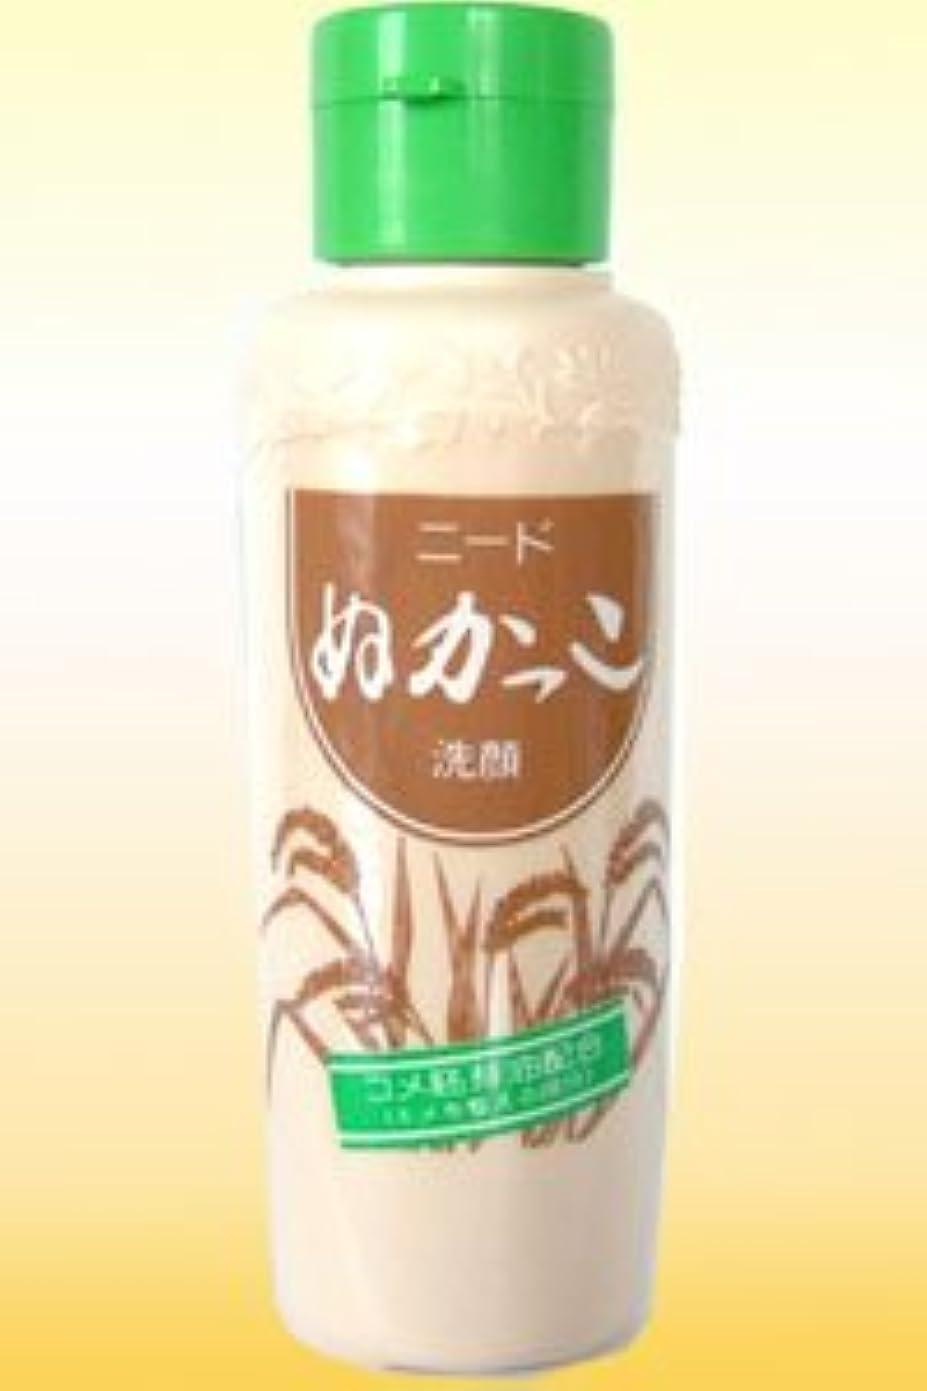 そよ風粘液異常1985年発売以来のロングセラー商品【ニード ぬかっこ洗顔】(80g)